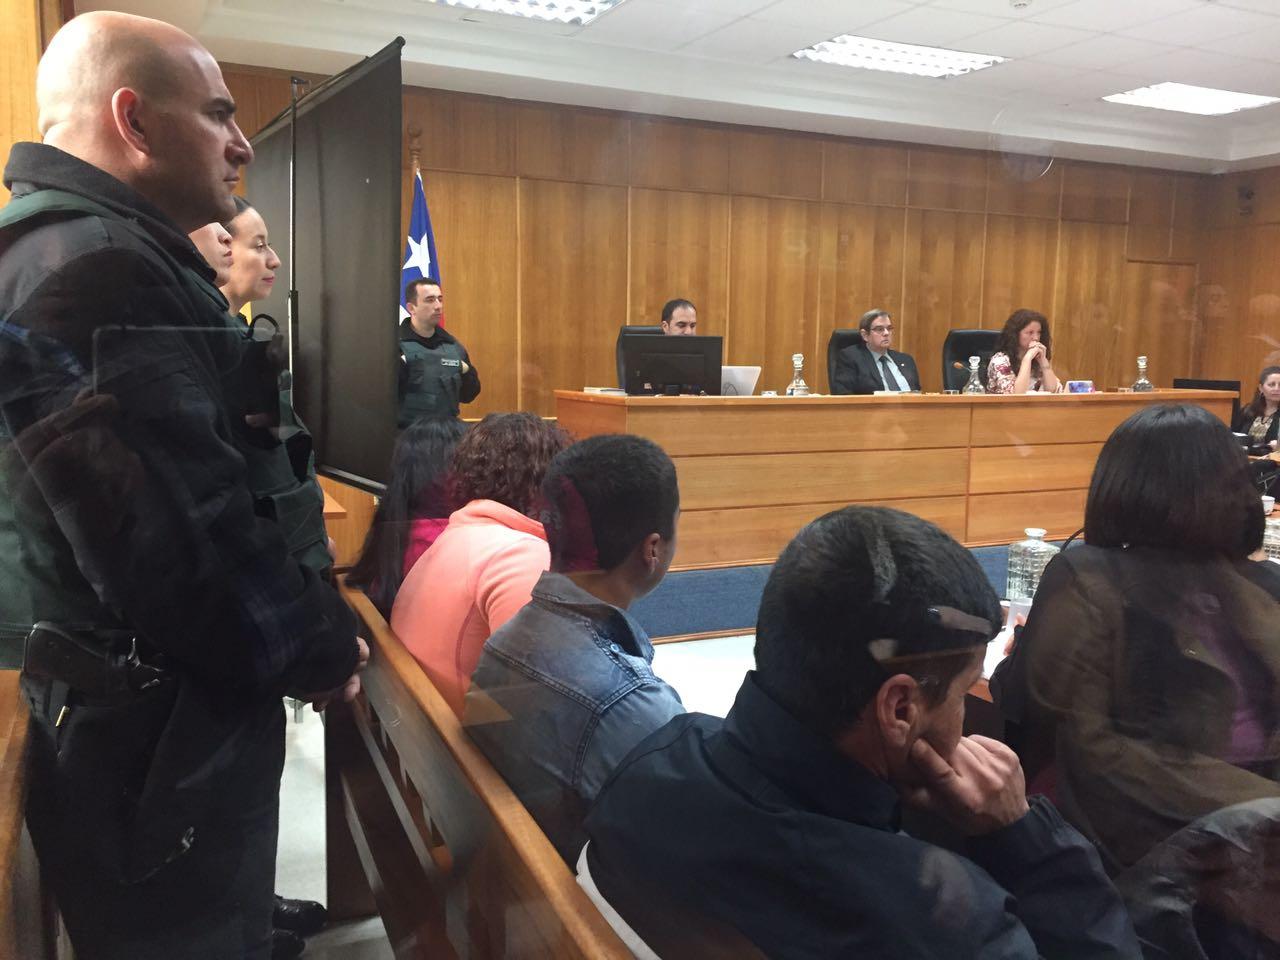 Inician juicio por muerte de joven madre que fue secuestrada, amarrada y quemada en Angol